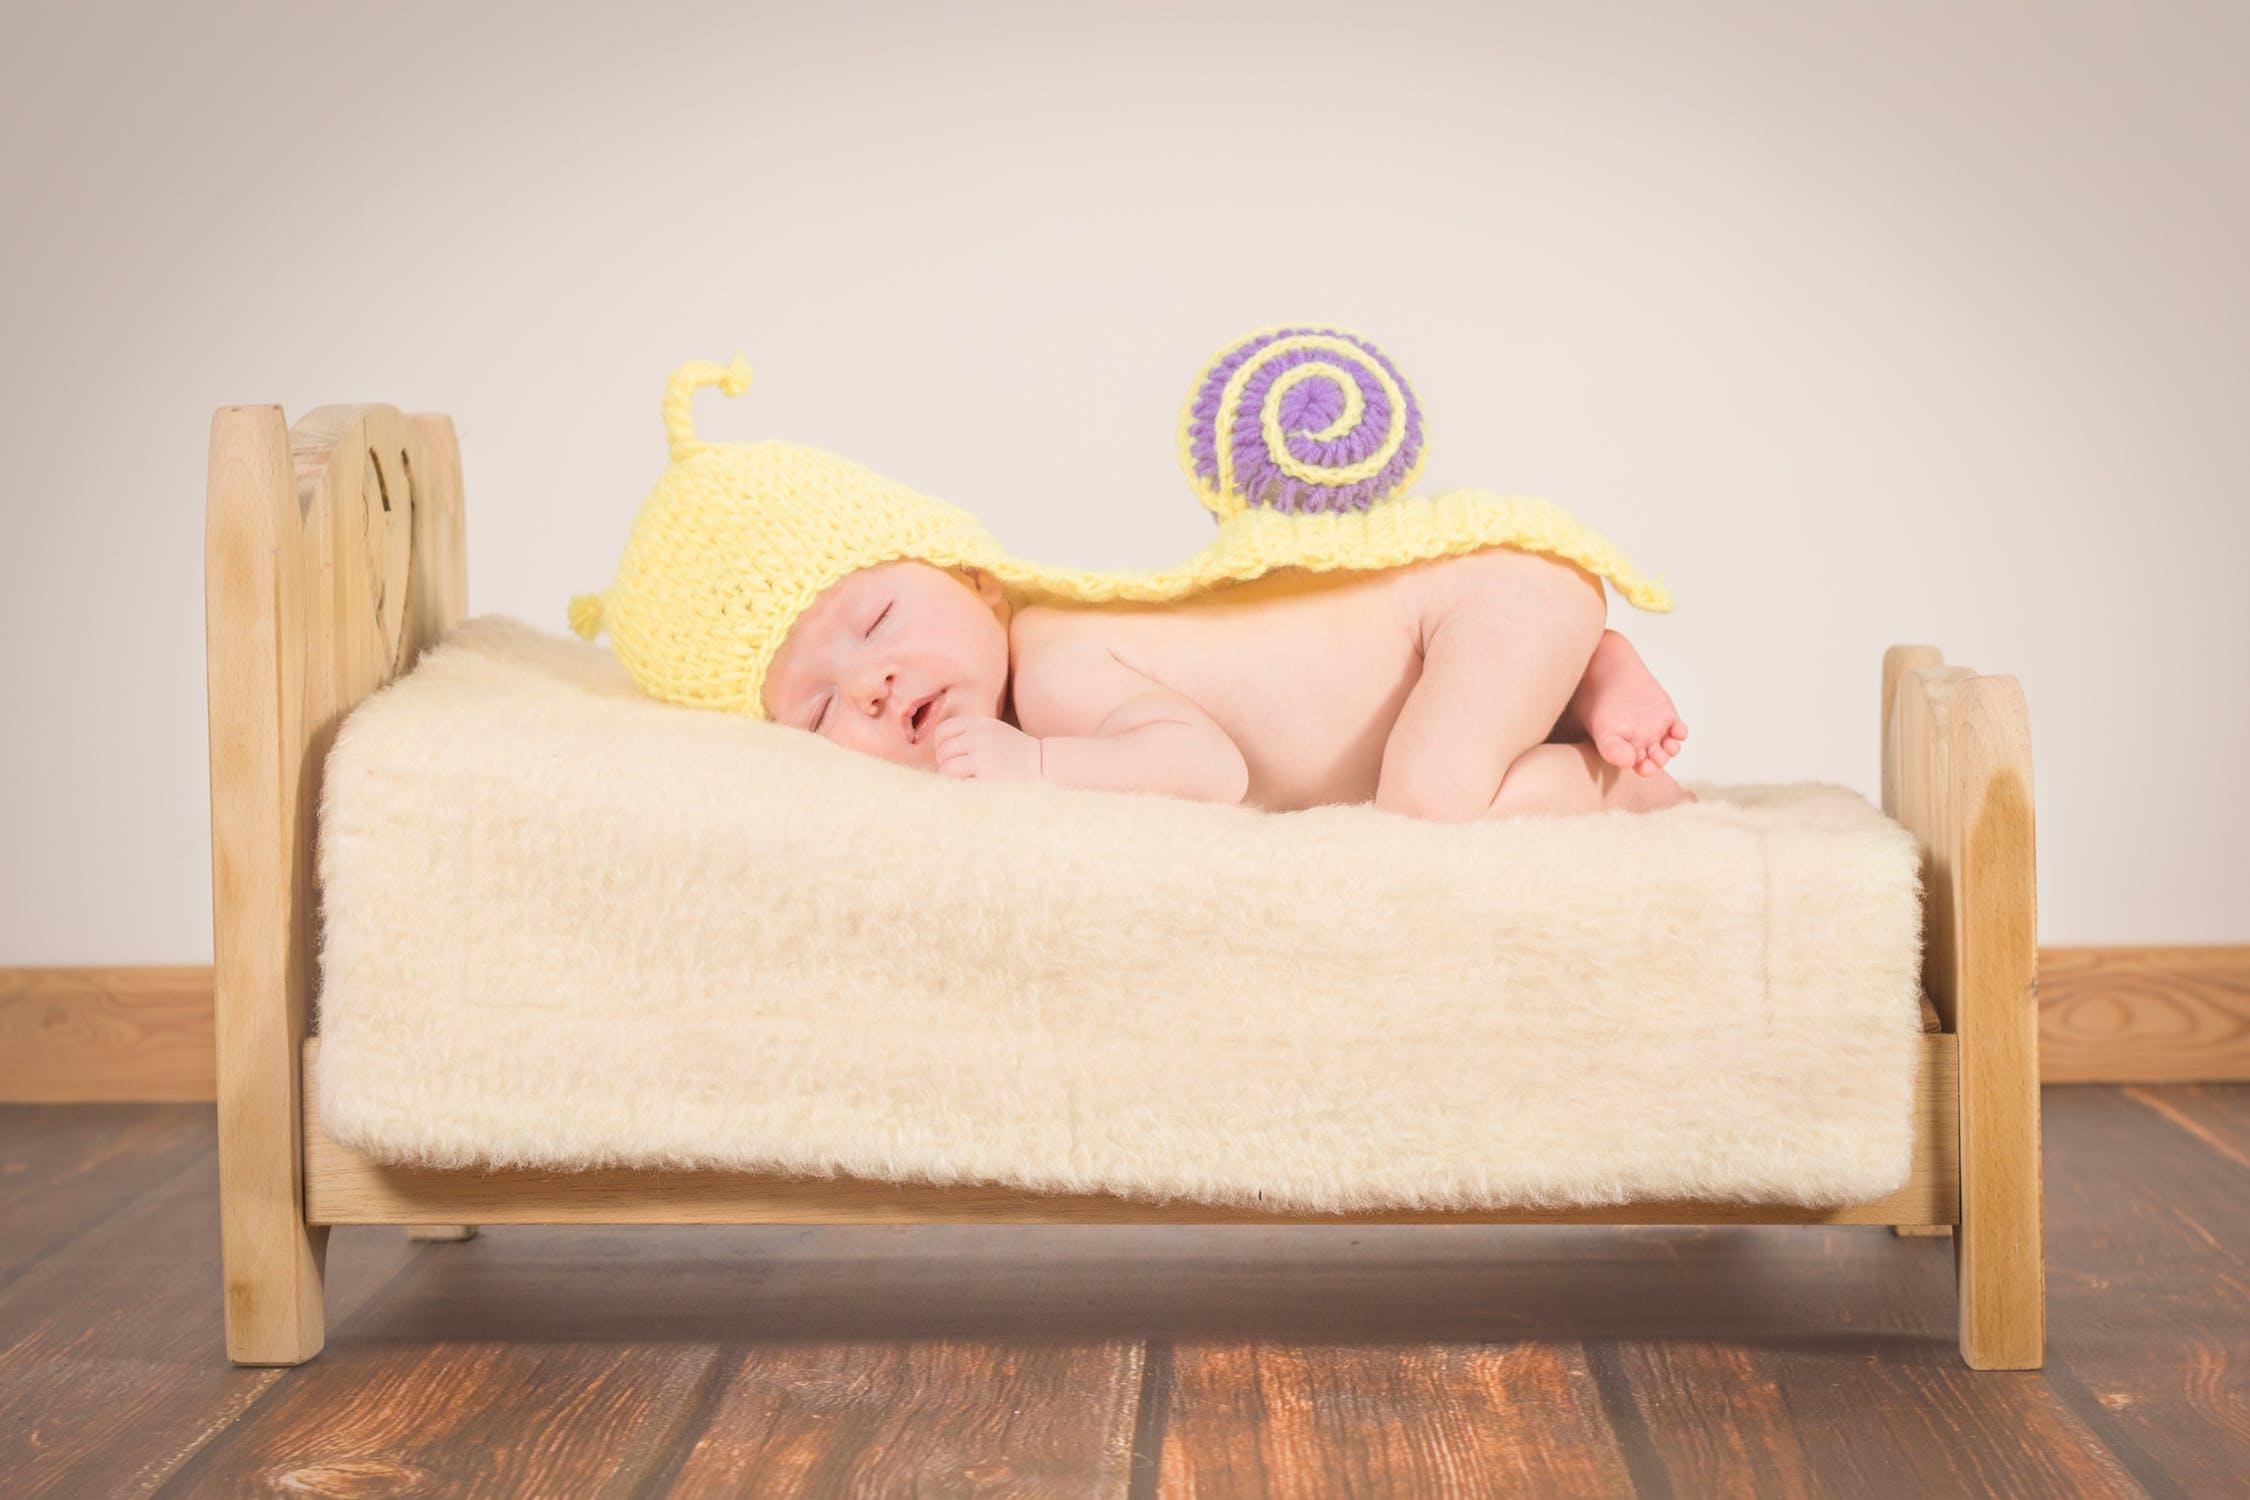 【羊奶粉冲调知识】:奶粉冲调不当会引起婴儿上火,新手爸妈如何避免入坑?